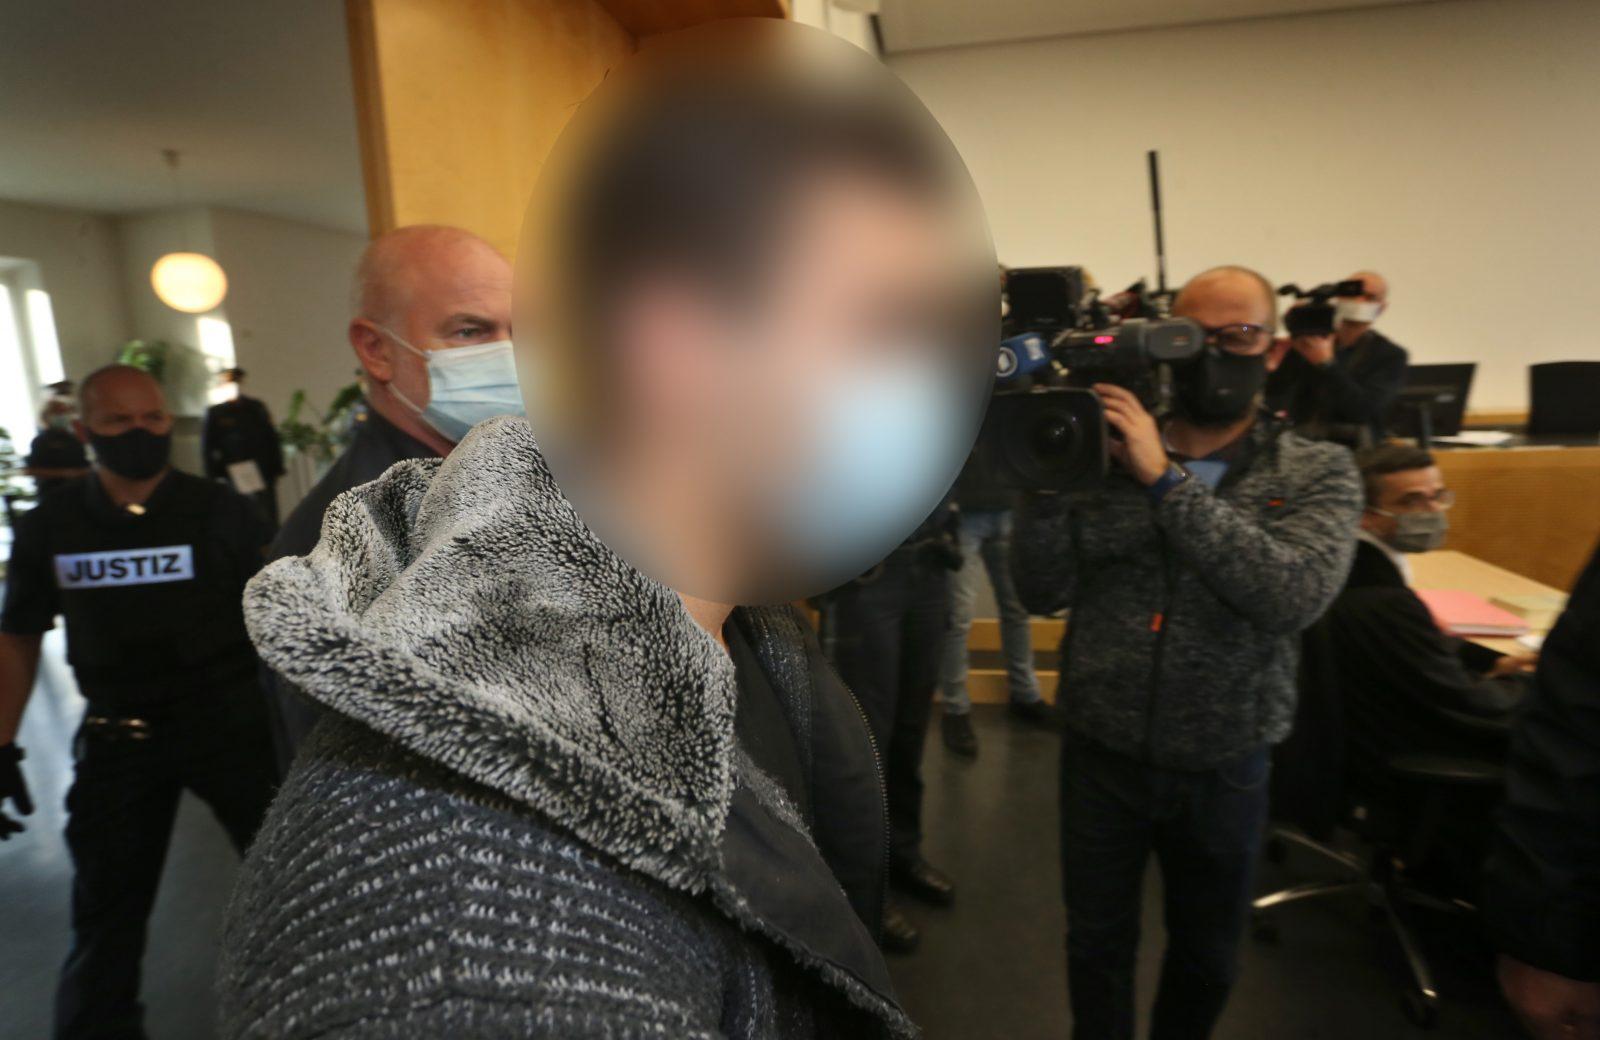 Der Täter Halid S.: Am Nikolaustag 2019 schlug er einen Familienvater tot